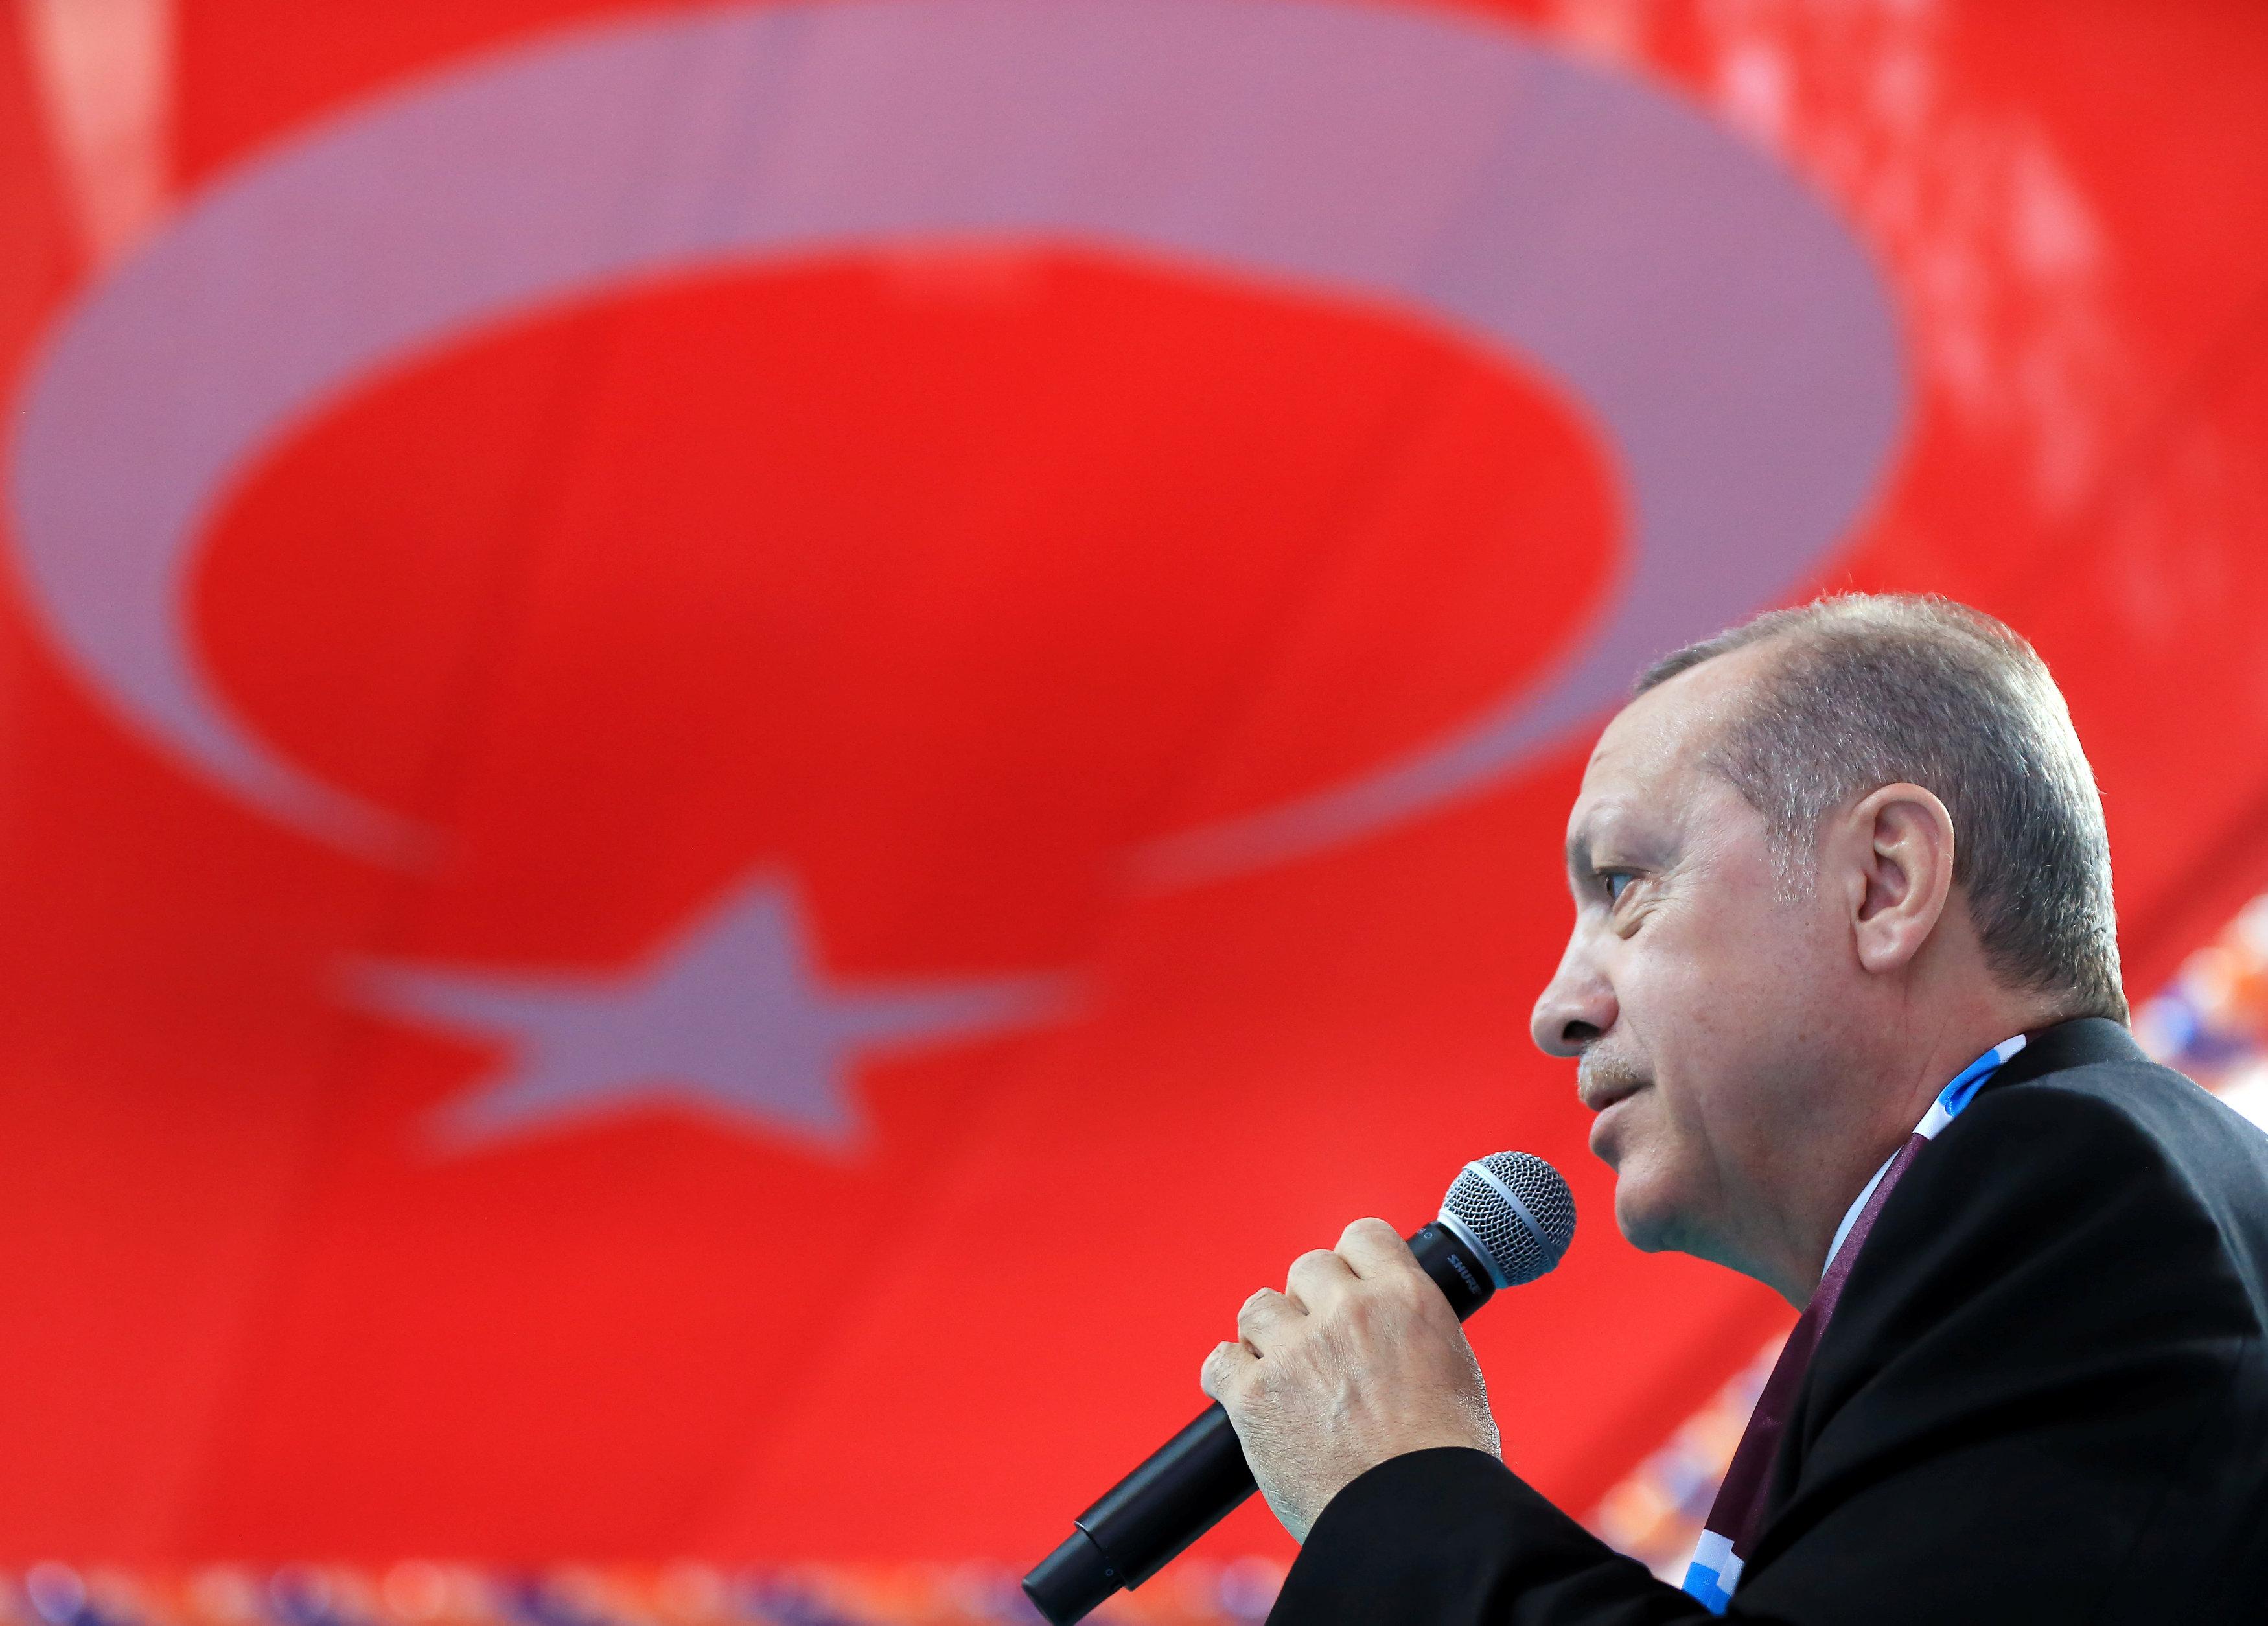 Τουρκία: «Τρομοκράτες» επειδή διαφώνησαν με την εισβολή | tanea.gr